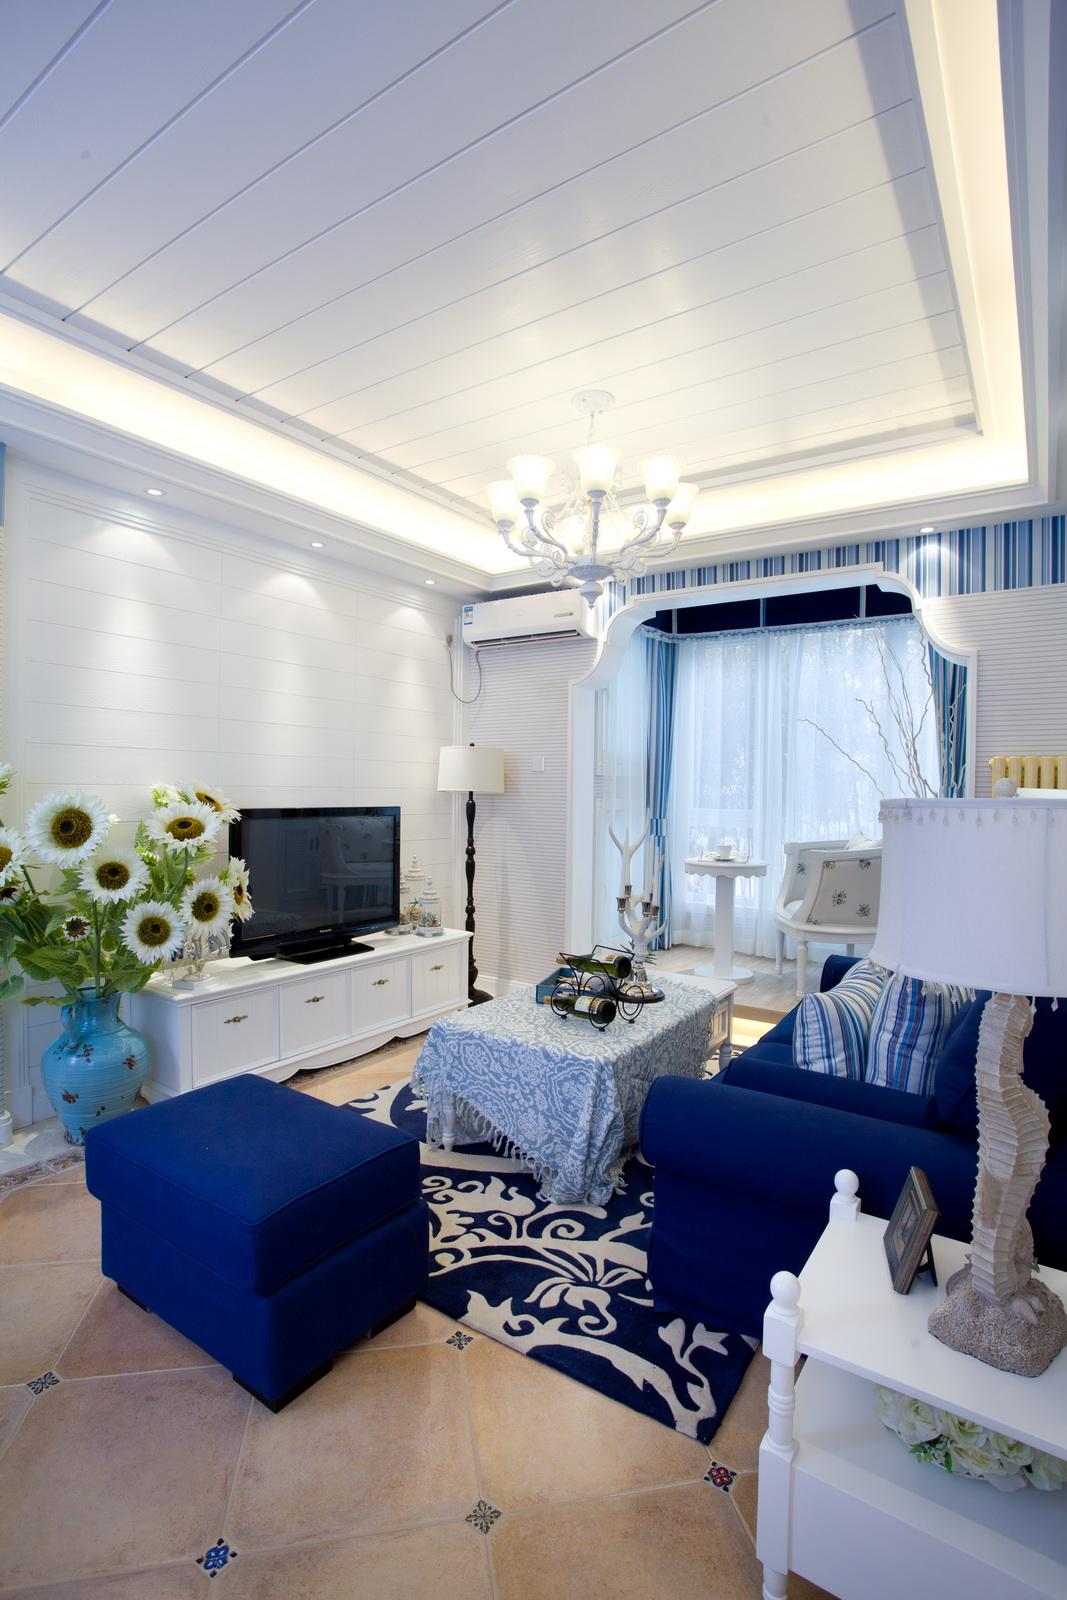 地中海风格的美就像是 希腊白色的村庄在碧海蓝天下闪闪发光,西班牙的蔚蓝海岸和白色沙滩,法国南部薰衣草飘来的蓝紫色香气。这一切一切都来自于大自然明了了的测才。地中海风格因其富含亲和力的田园风情和柔和的色调搭配,受到人们的喜爱